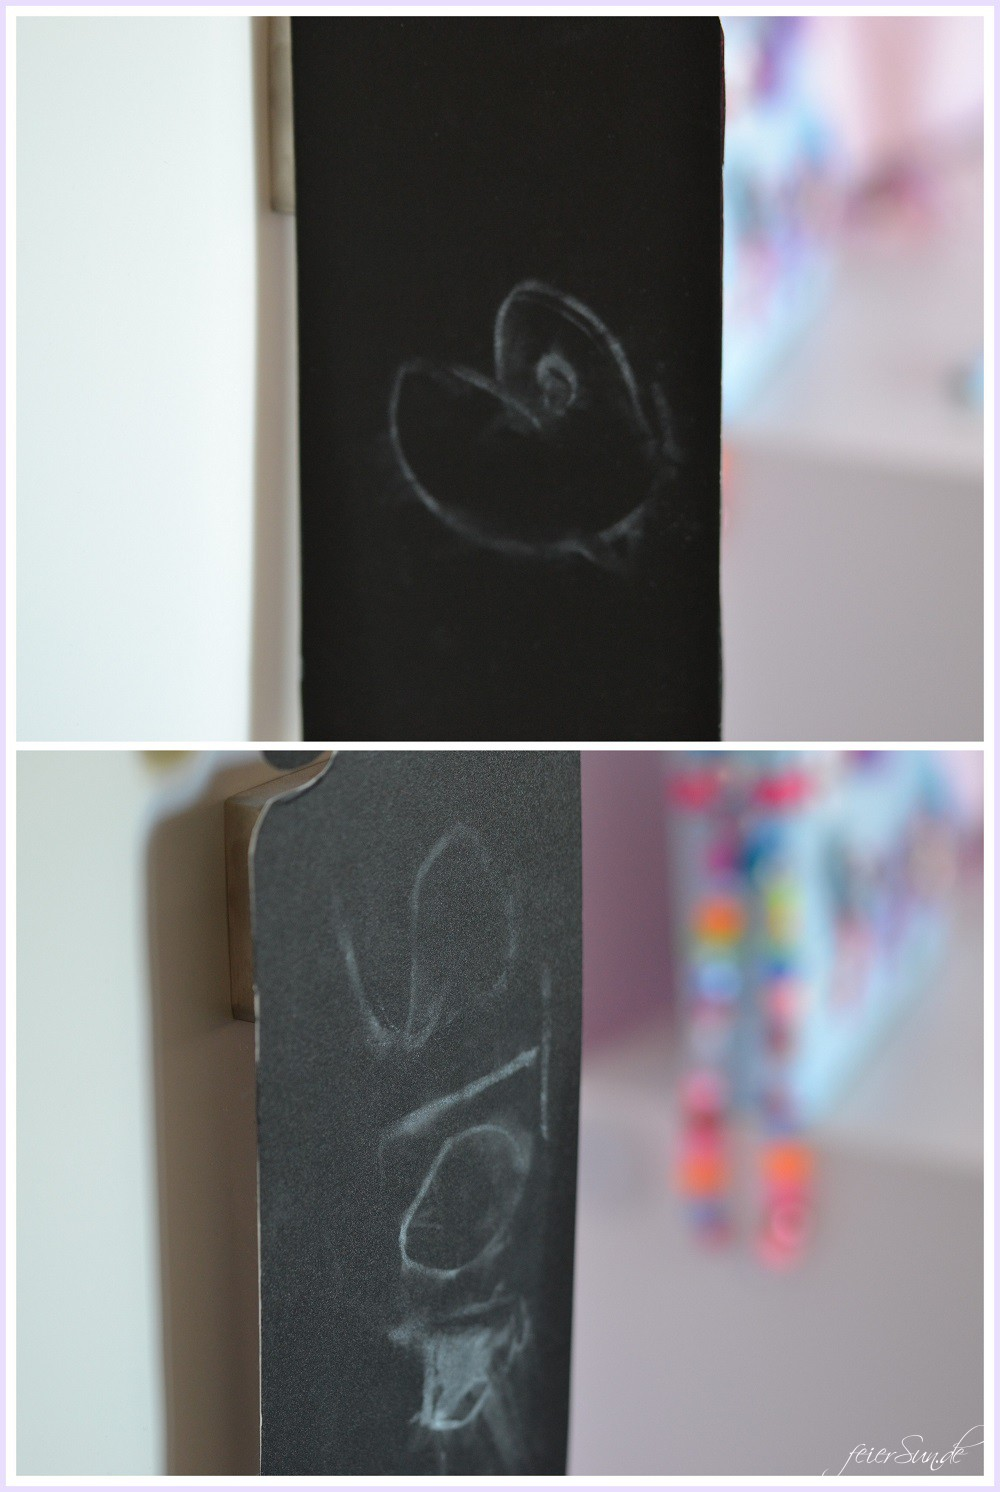 Mädchenzimmer Eingang Tür Schilder